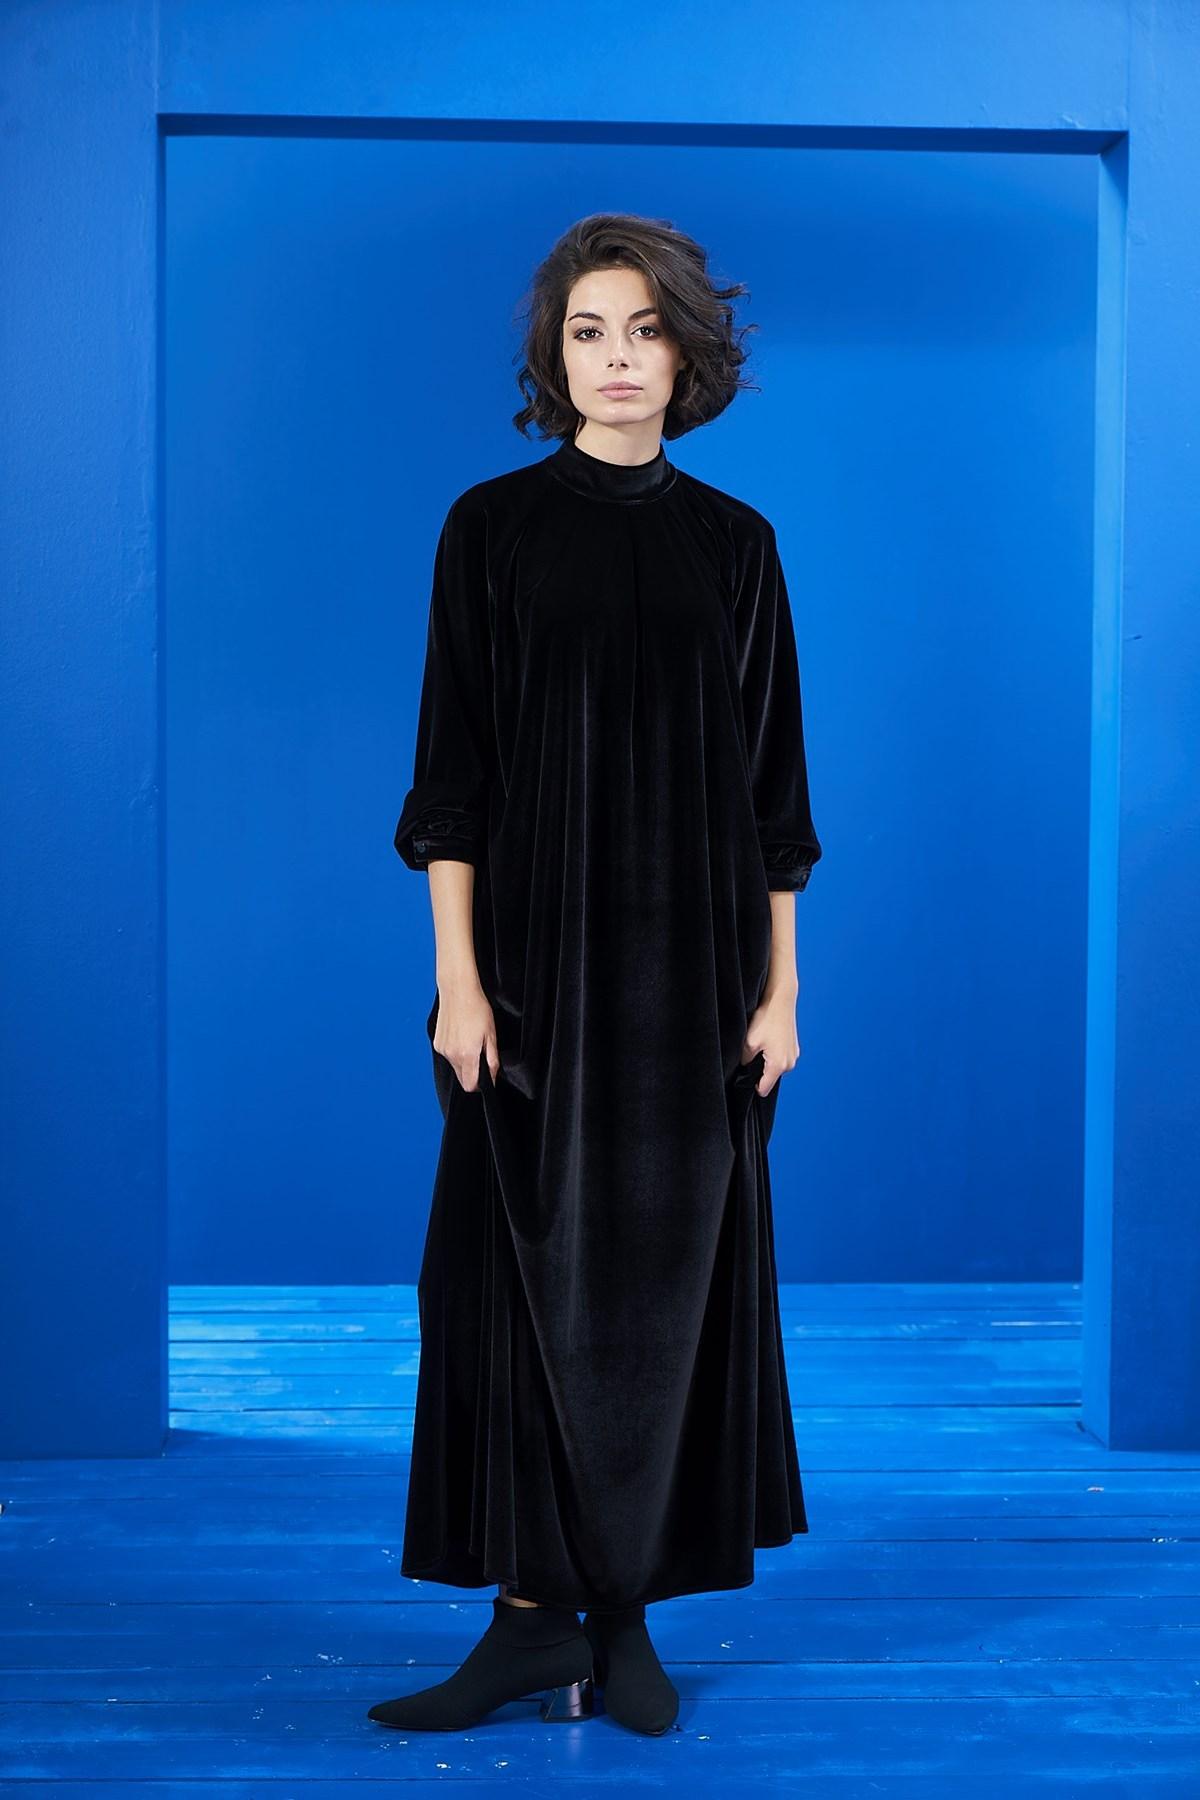 Mevra - Siyah Kadife Elbise